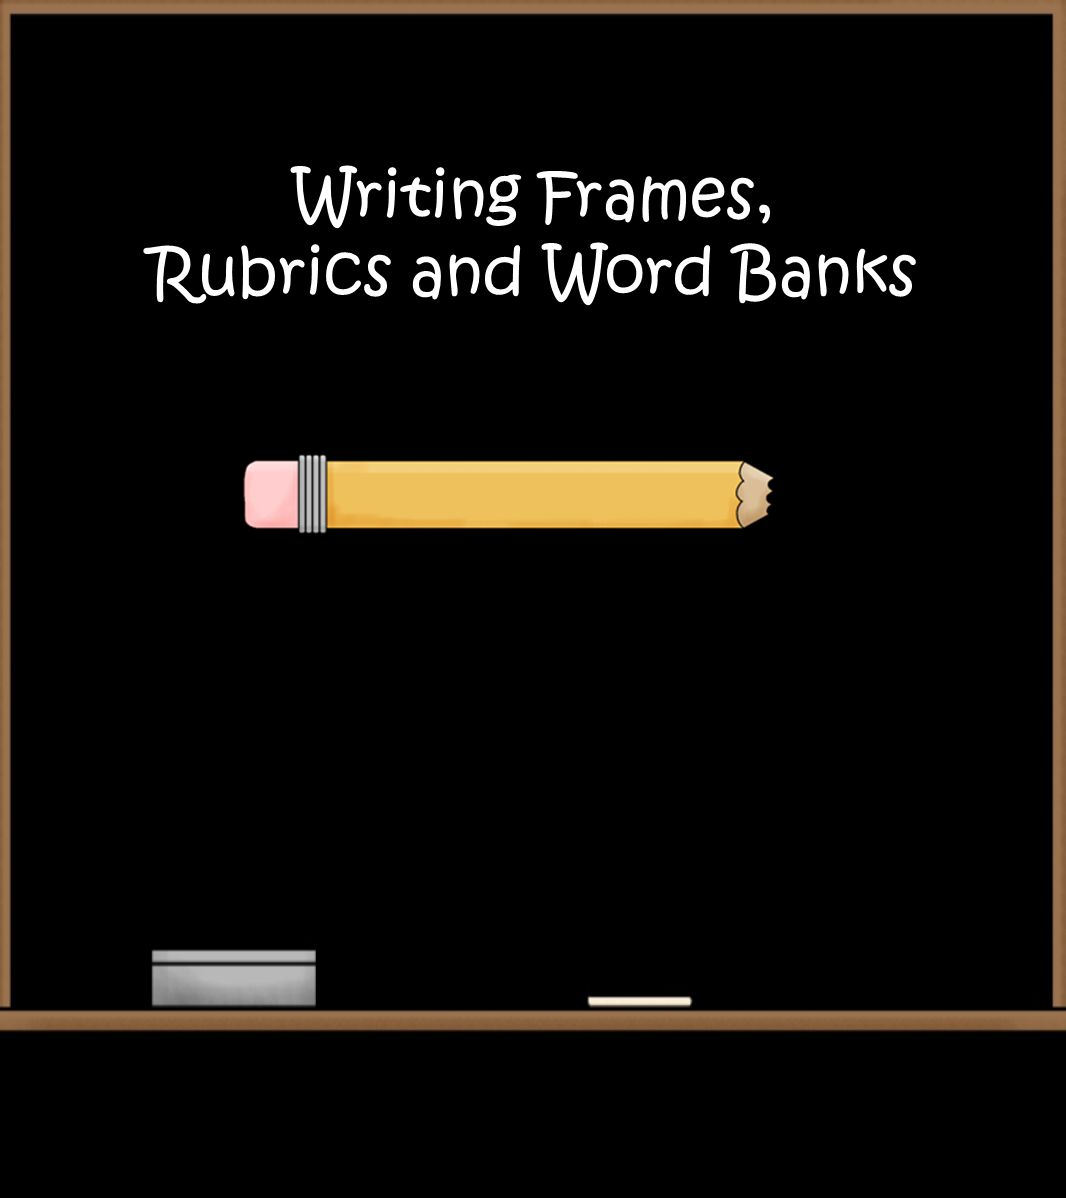 Writing Frames, Rubrics and Word Banks